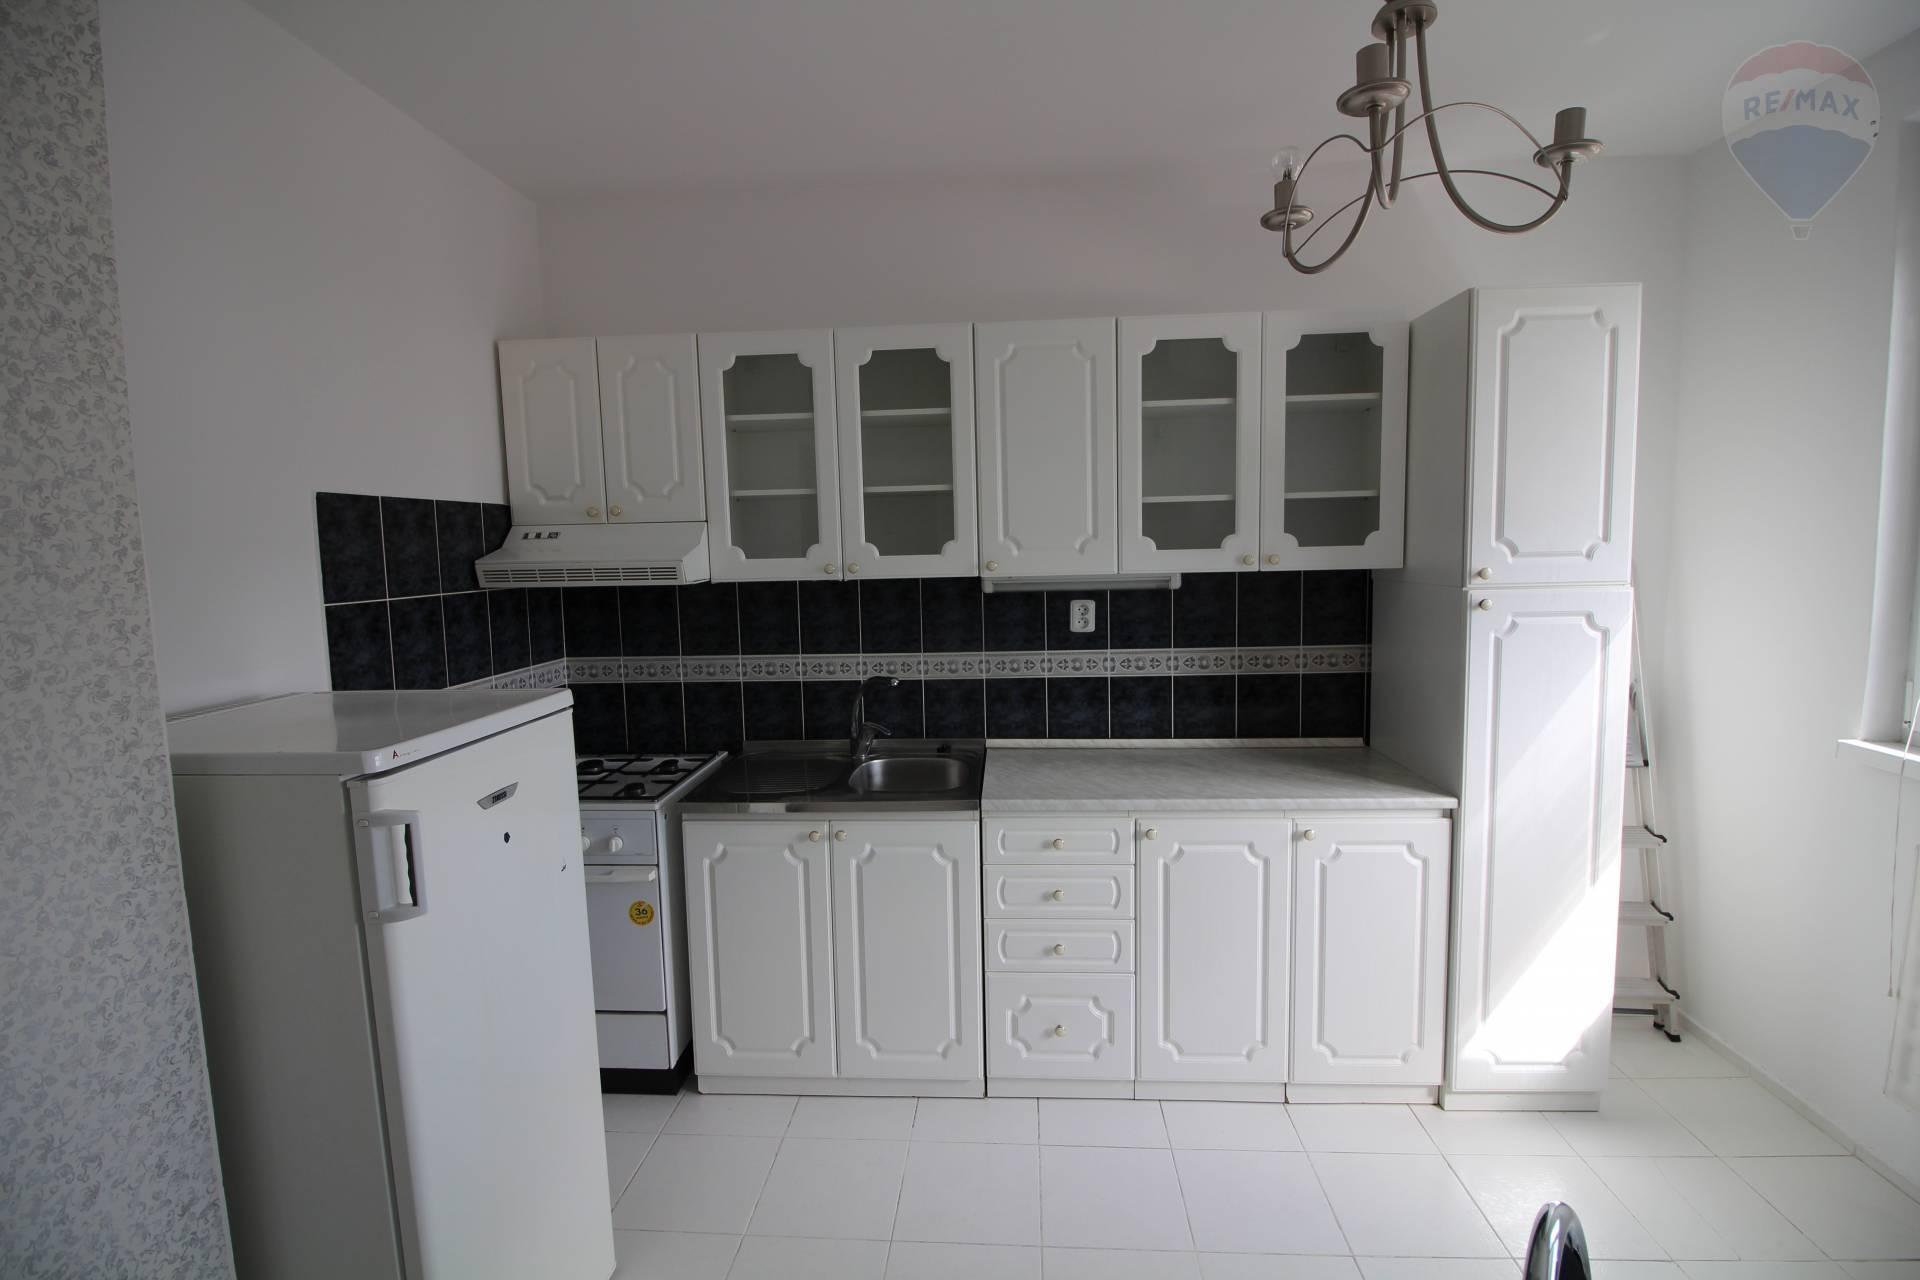 Predaj: 1-izbový byt, čiastočná rekonštrukcia, Nová Ves, Dunajská Streda